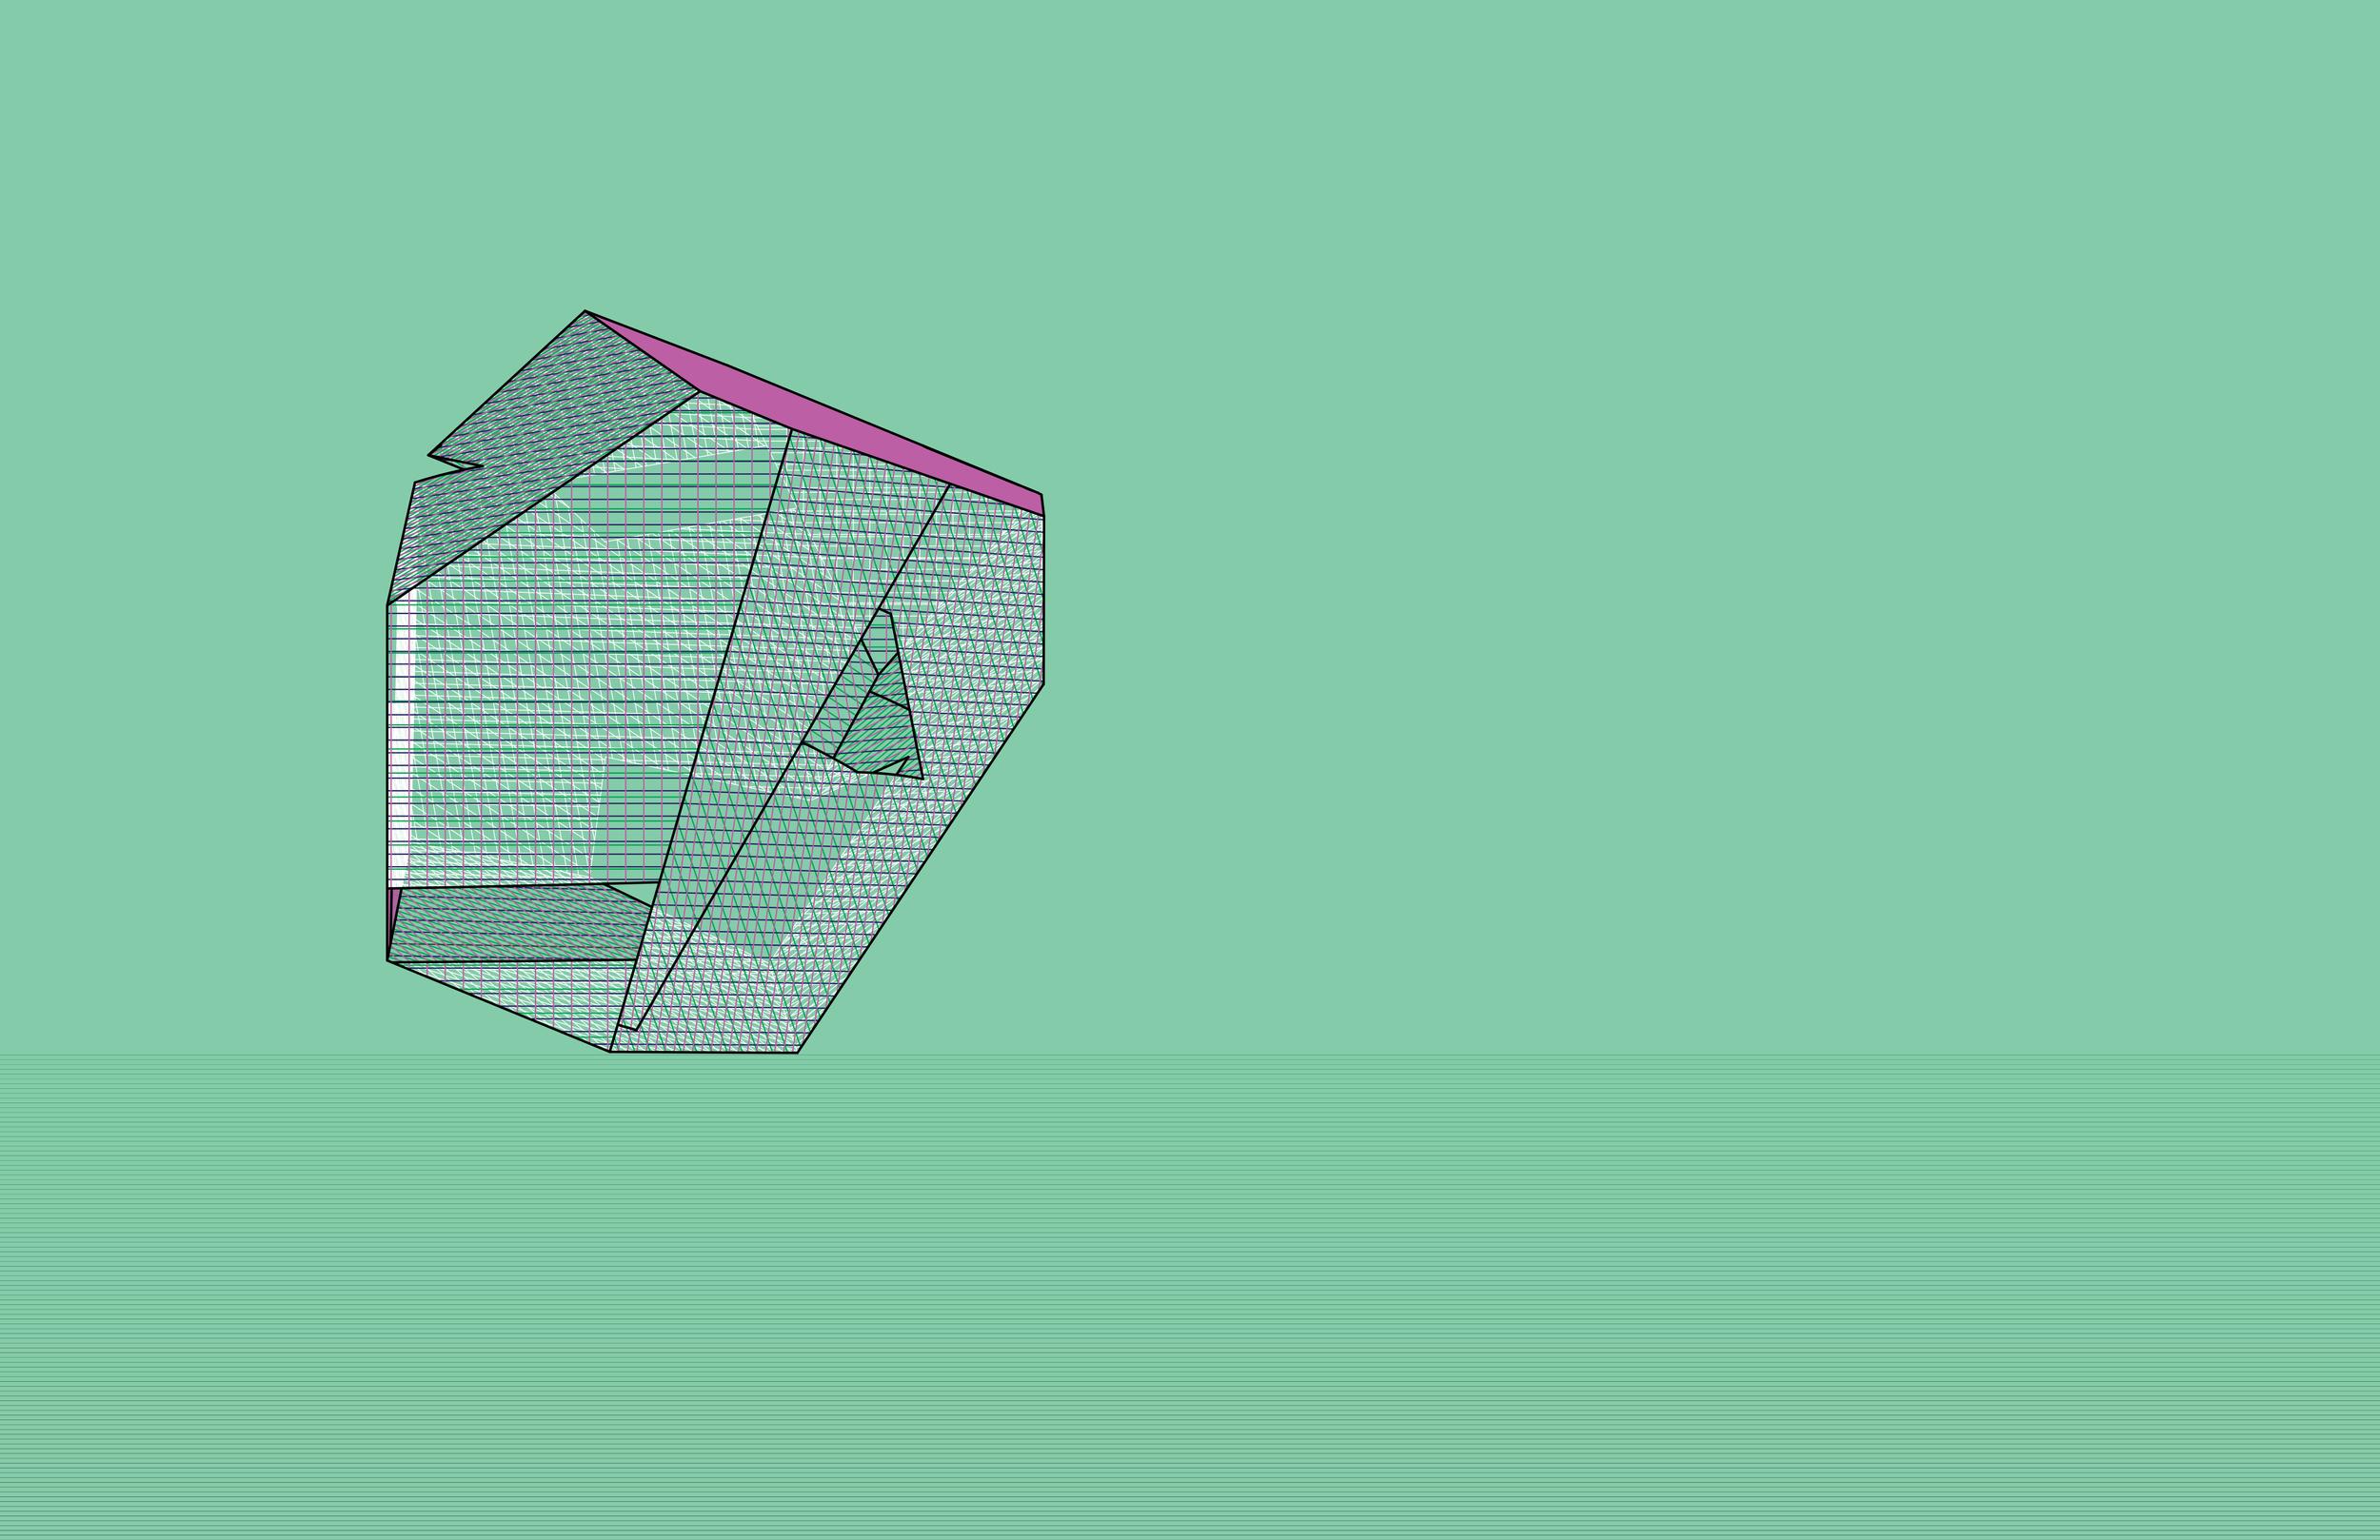 LA FORUM-Line Drawings_Mint-10.jpg